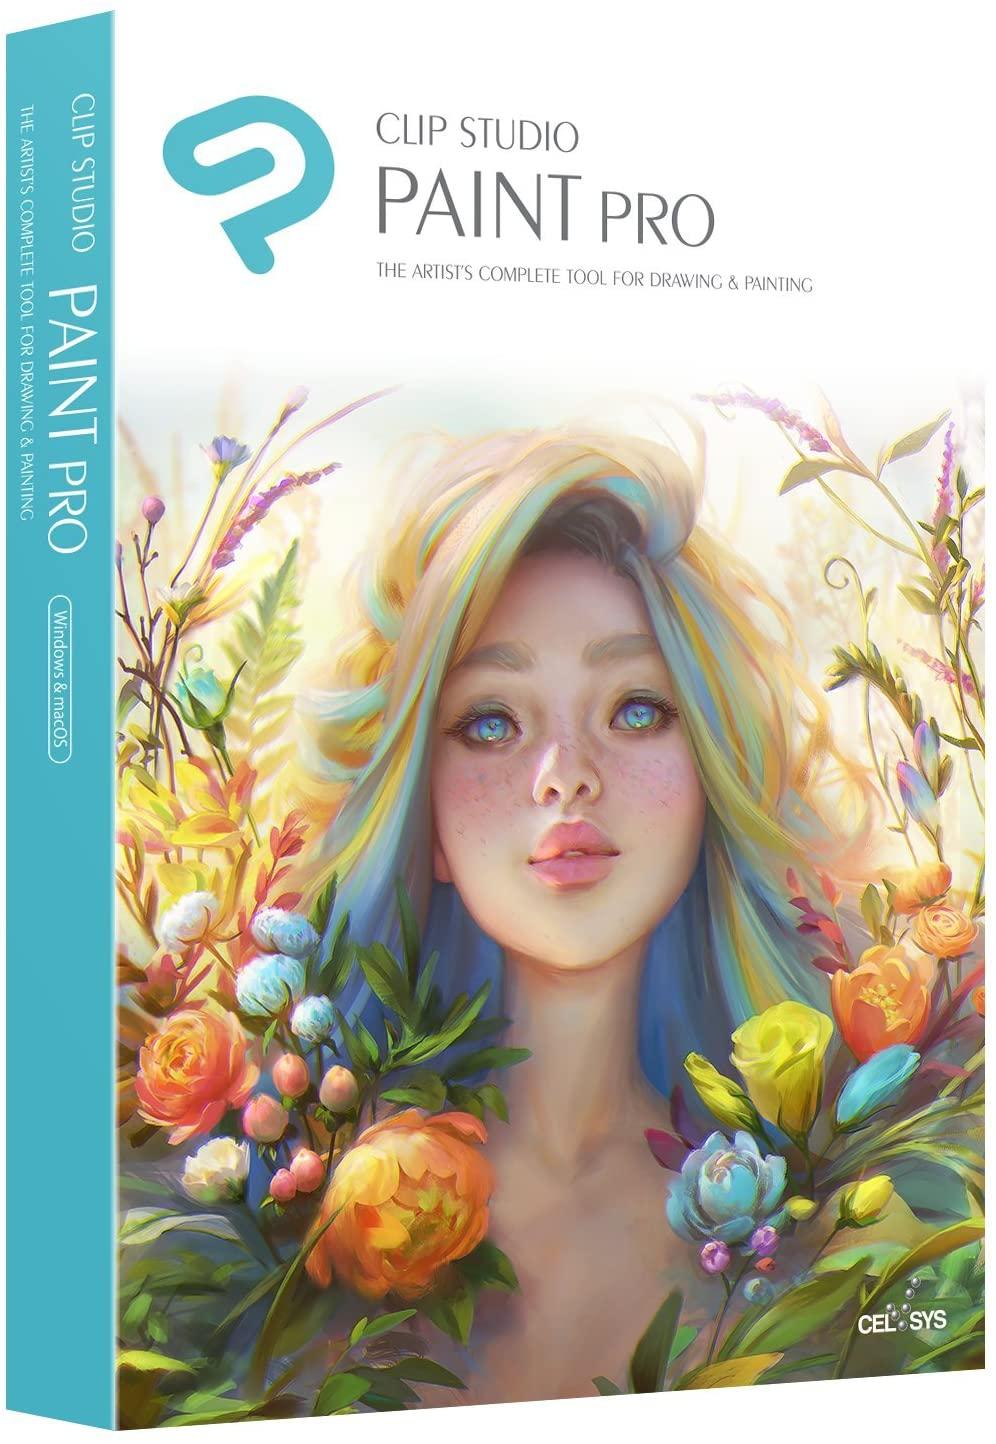 Logiciels Clip Studio Paint en promotion (Dématérialisés) - Ex: Clip Studio Paint Pro (clipstudio.net)